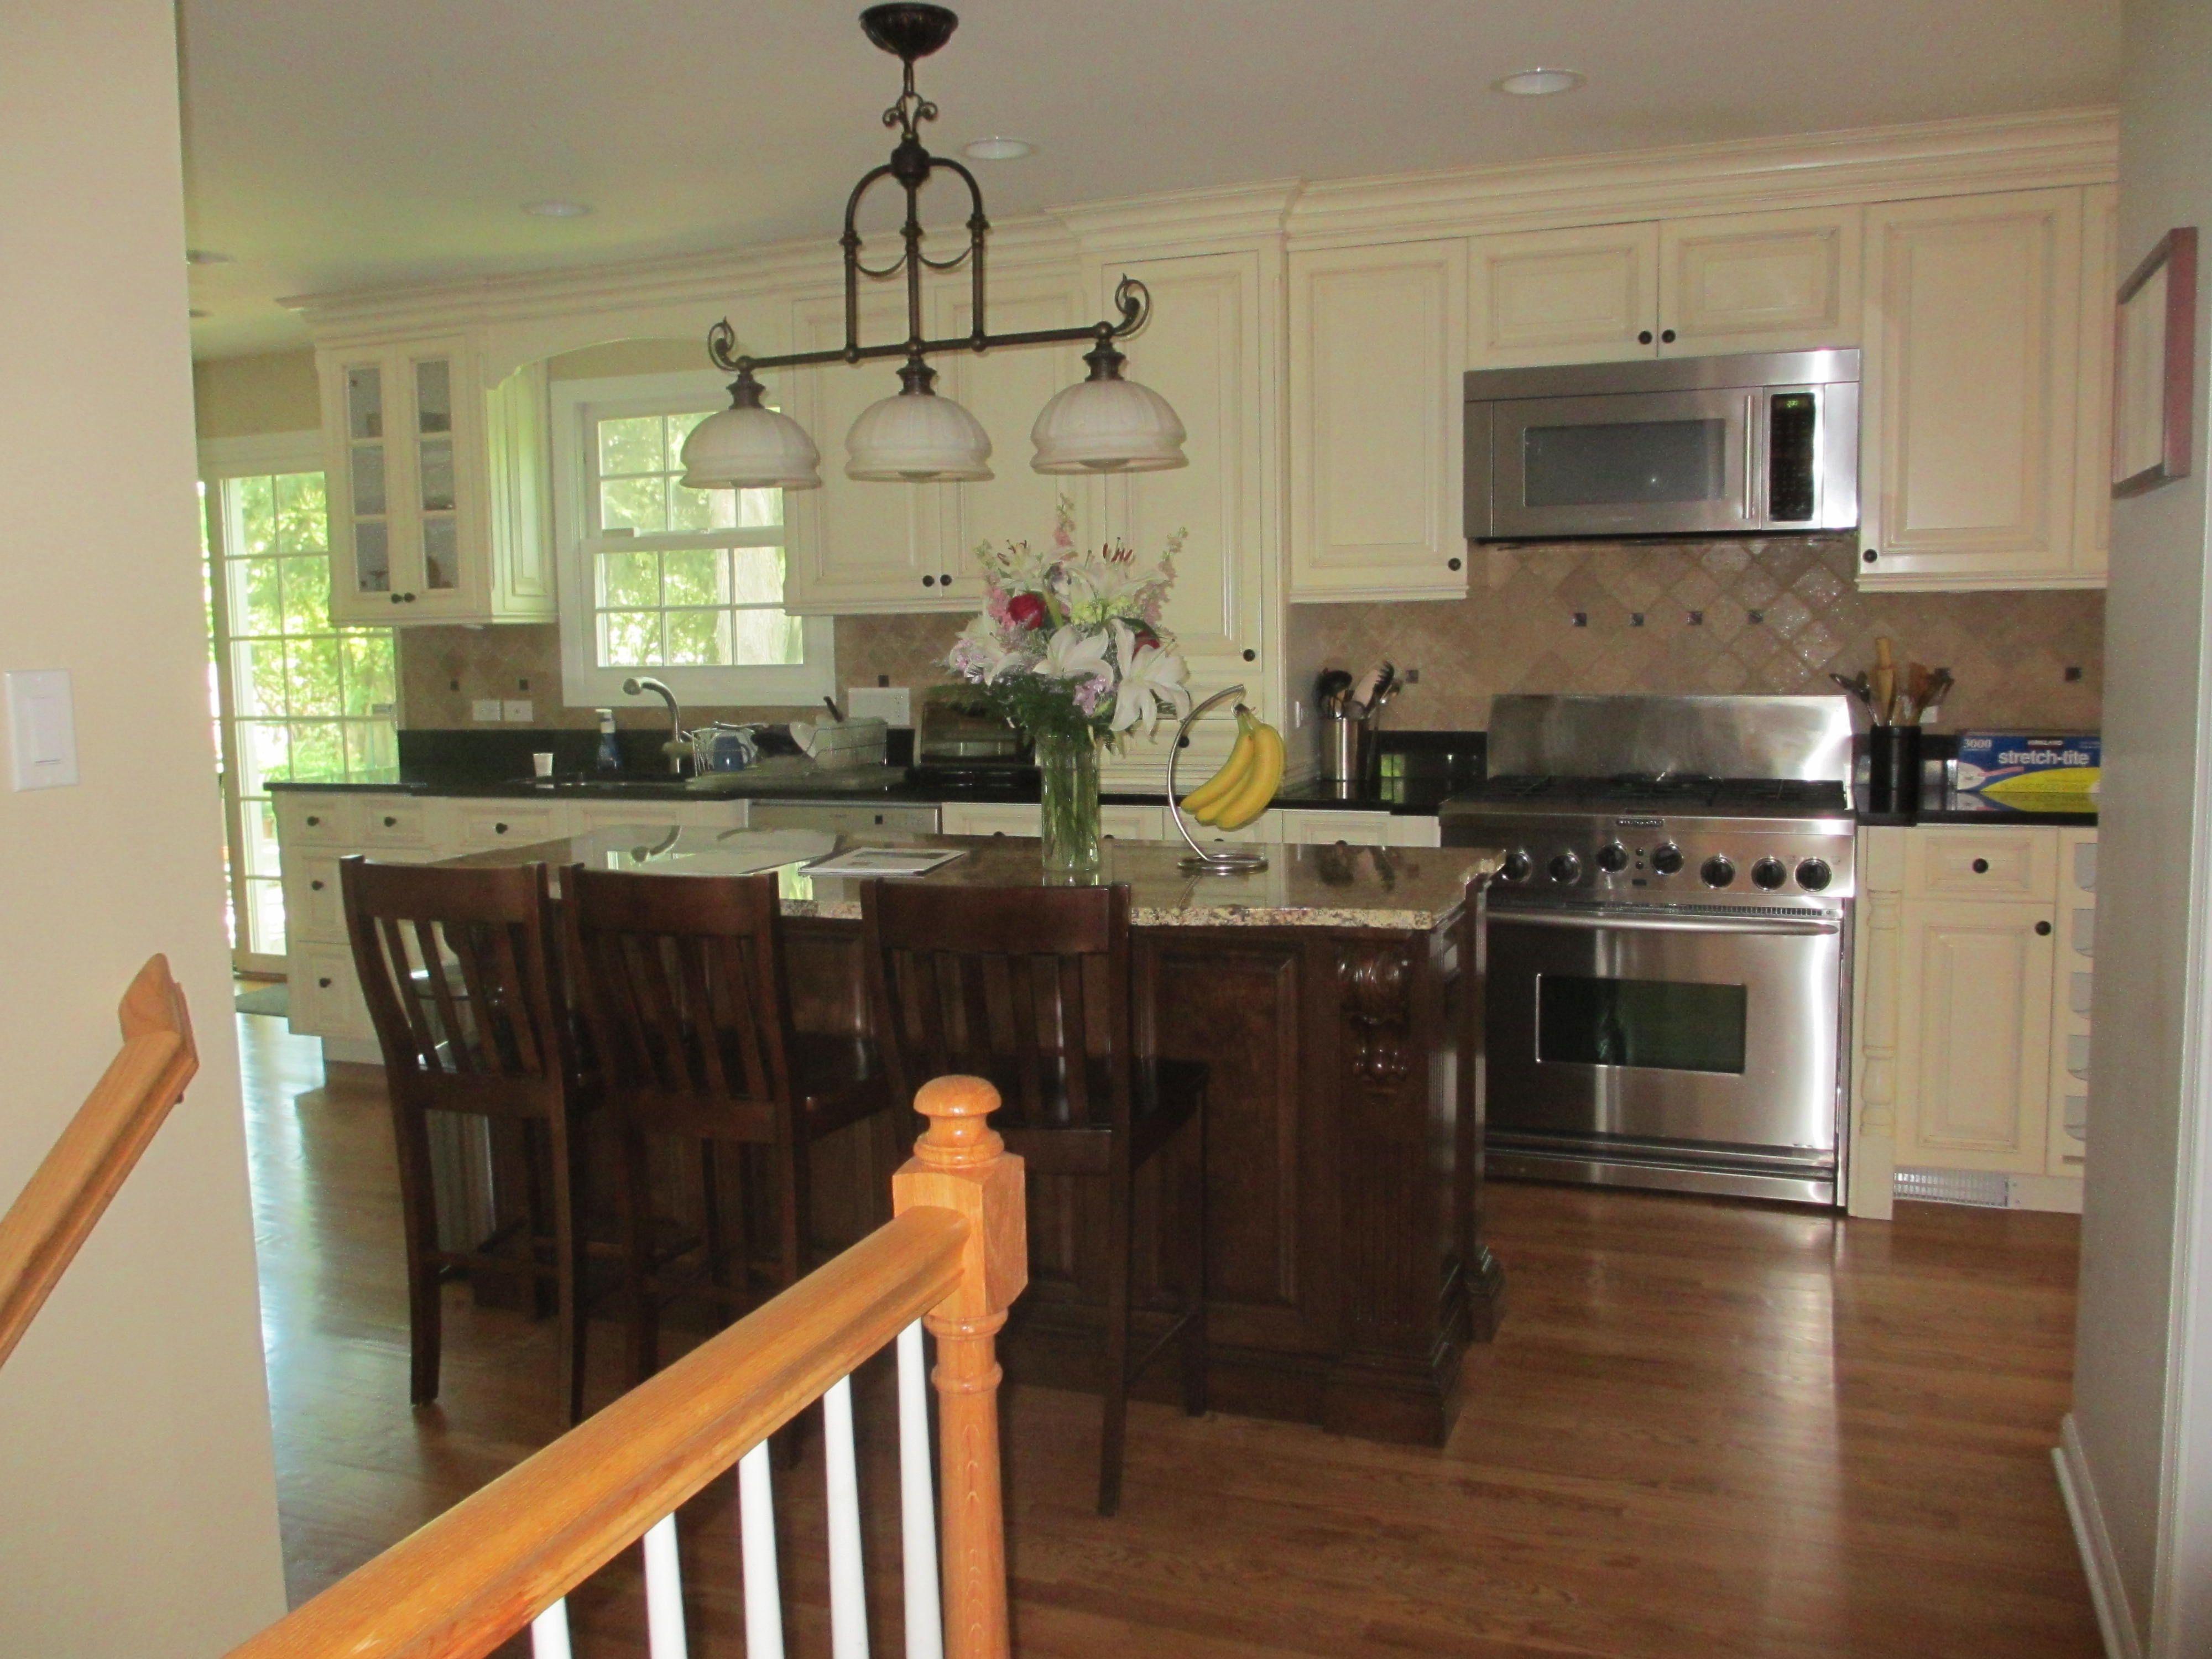 white cabinets | White cabinets, Home decor, Decor